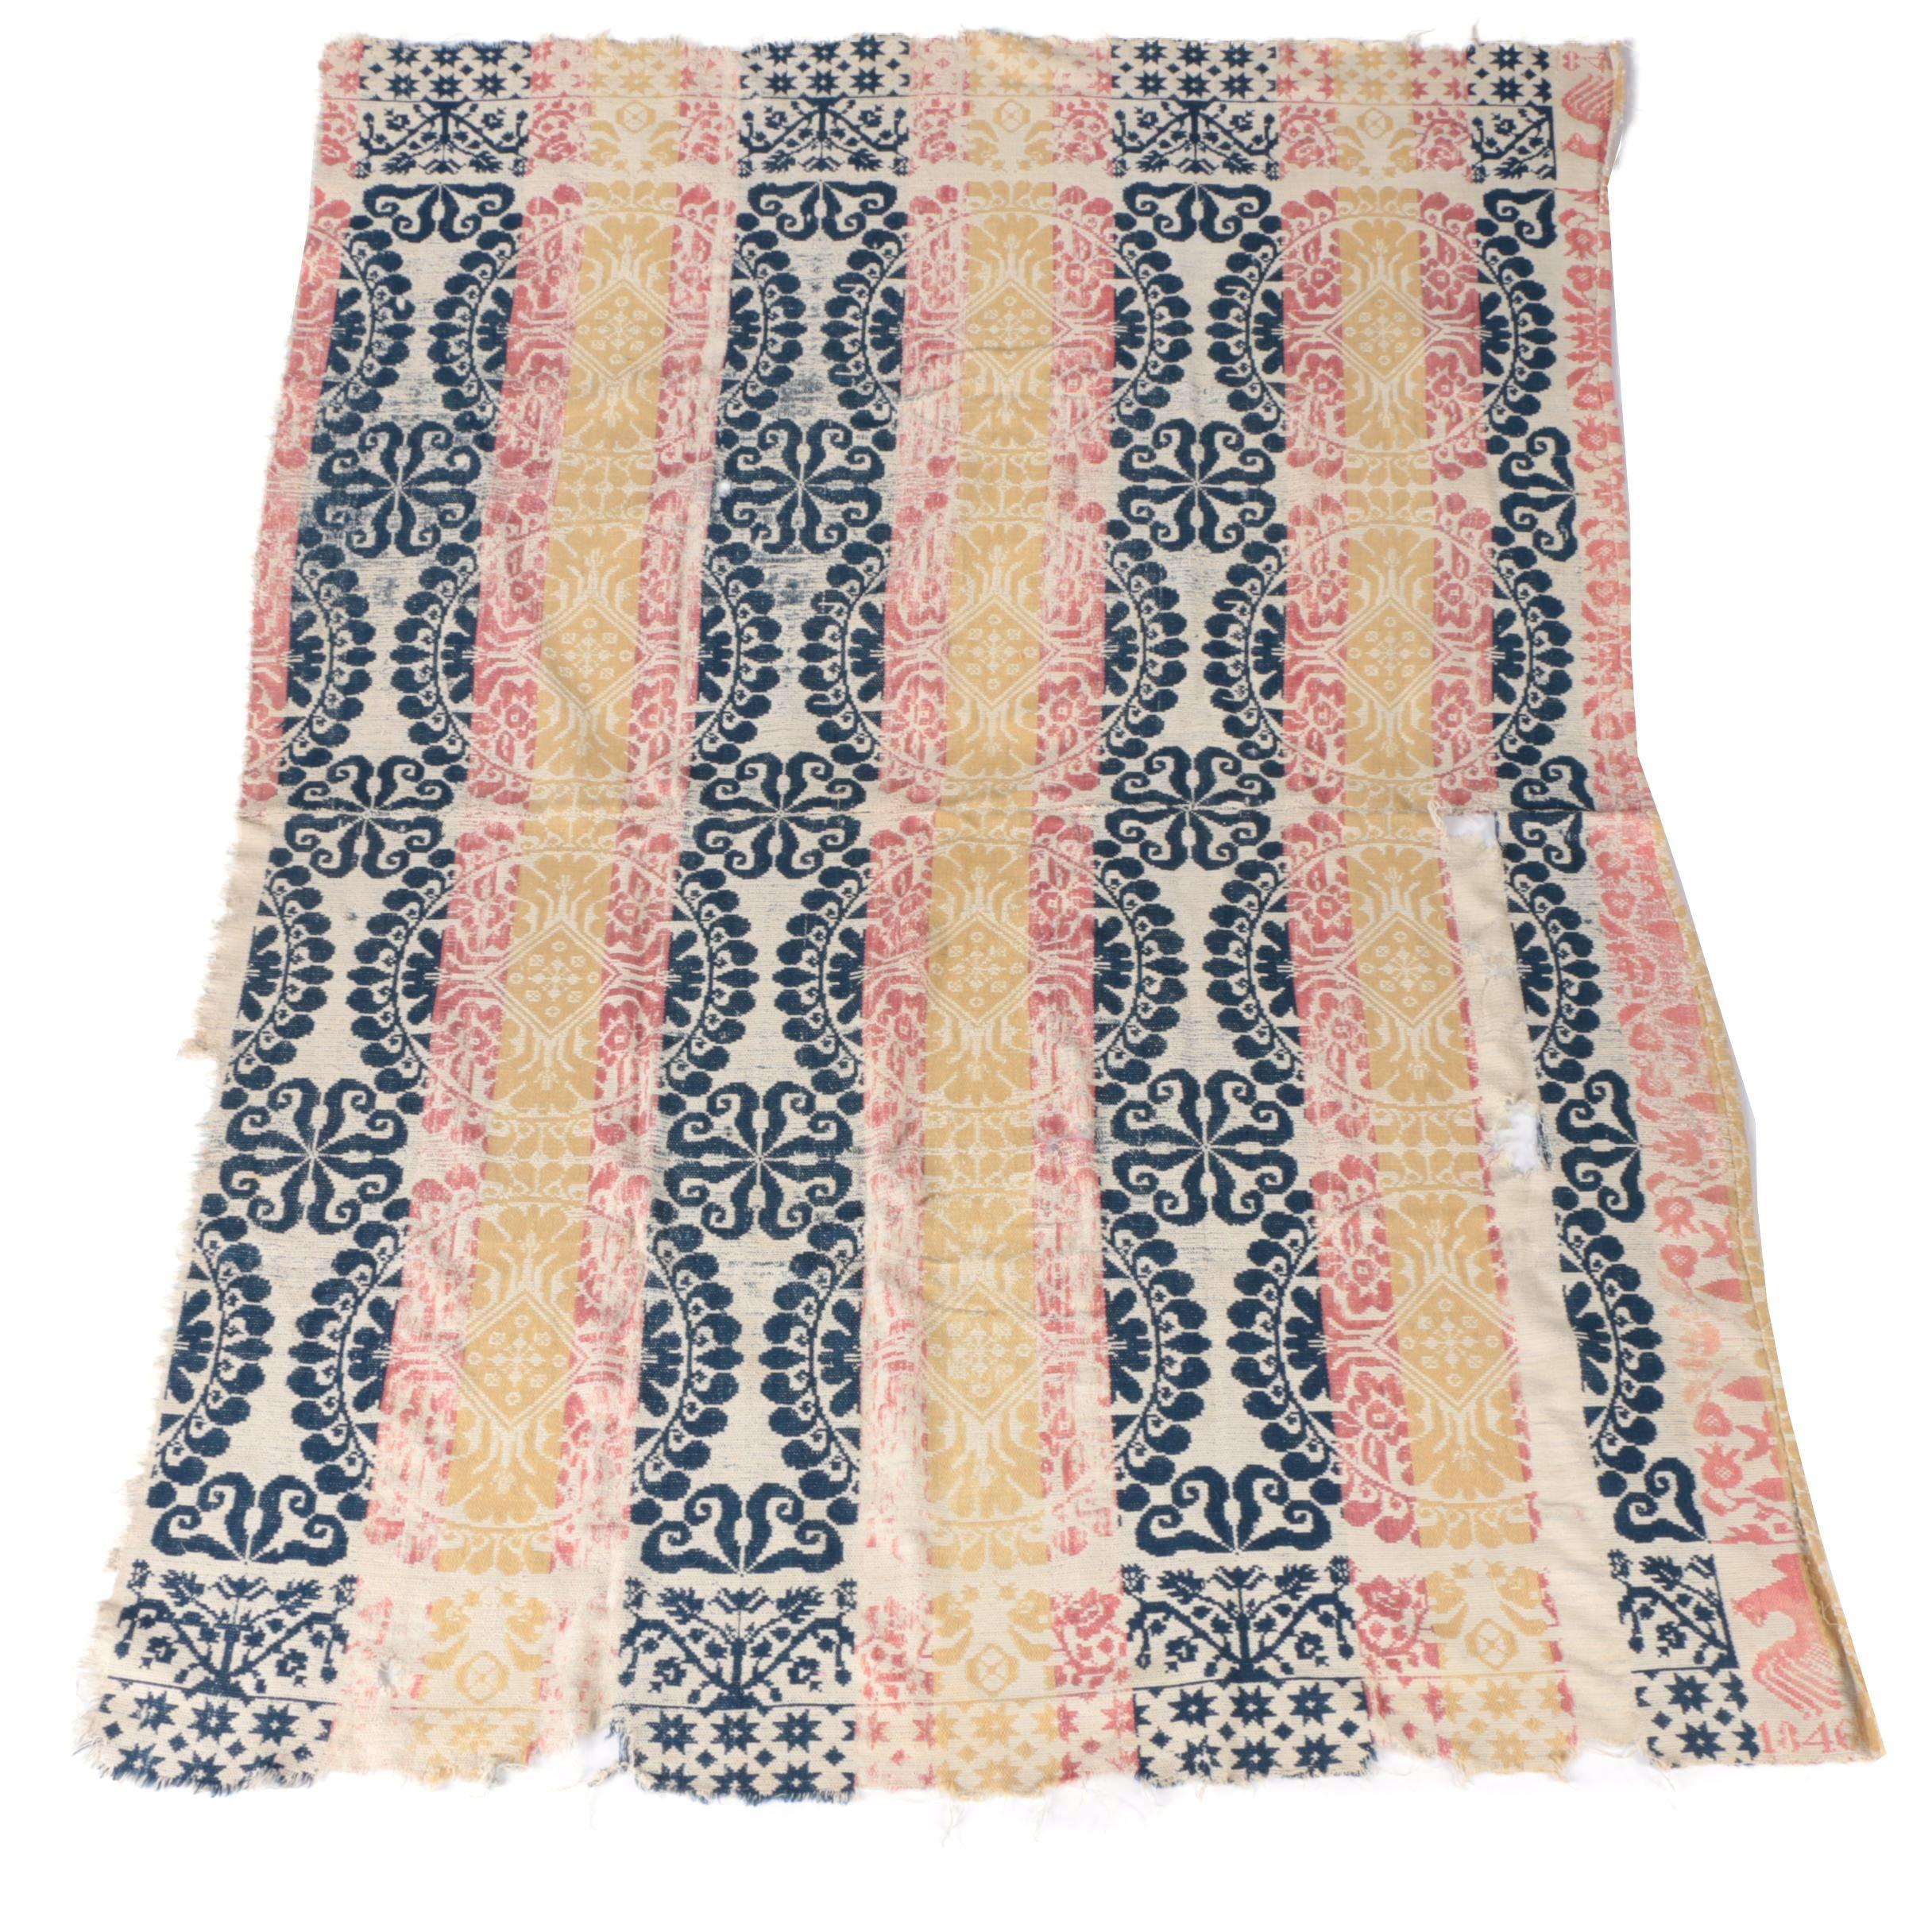 1846 Antique Double Weave Coverlet